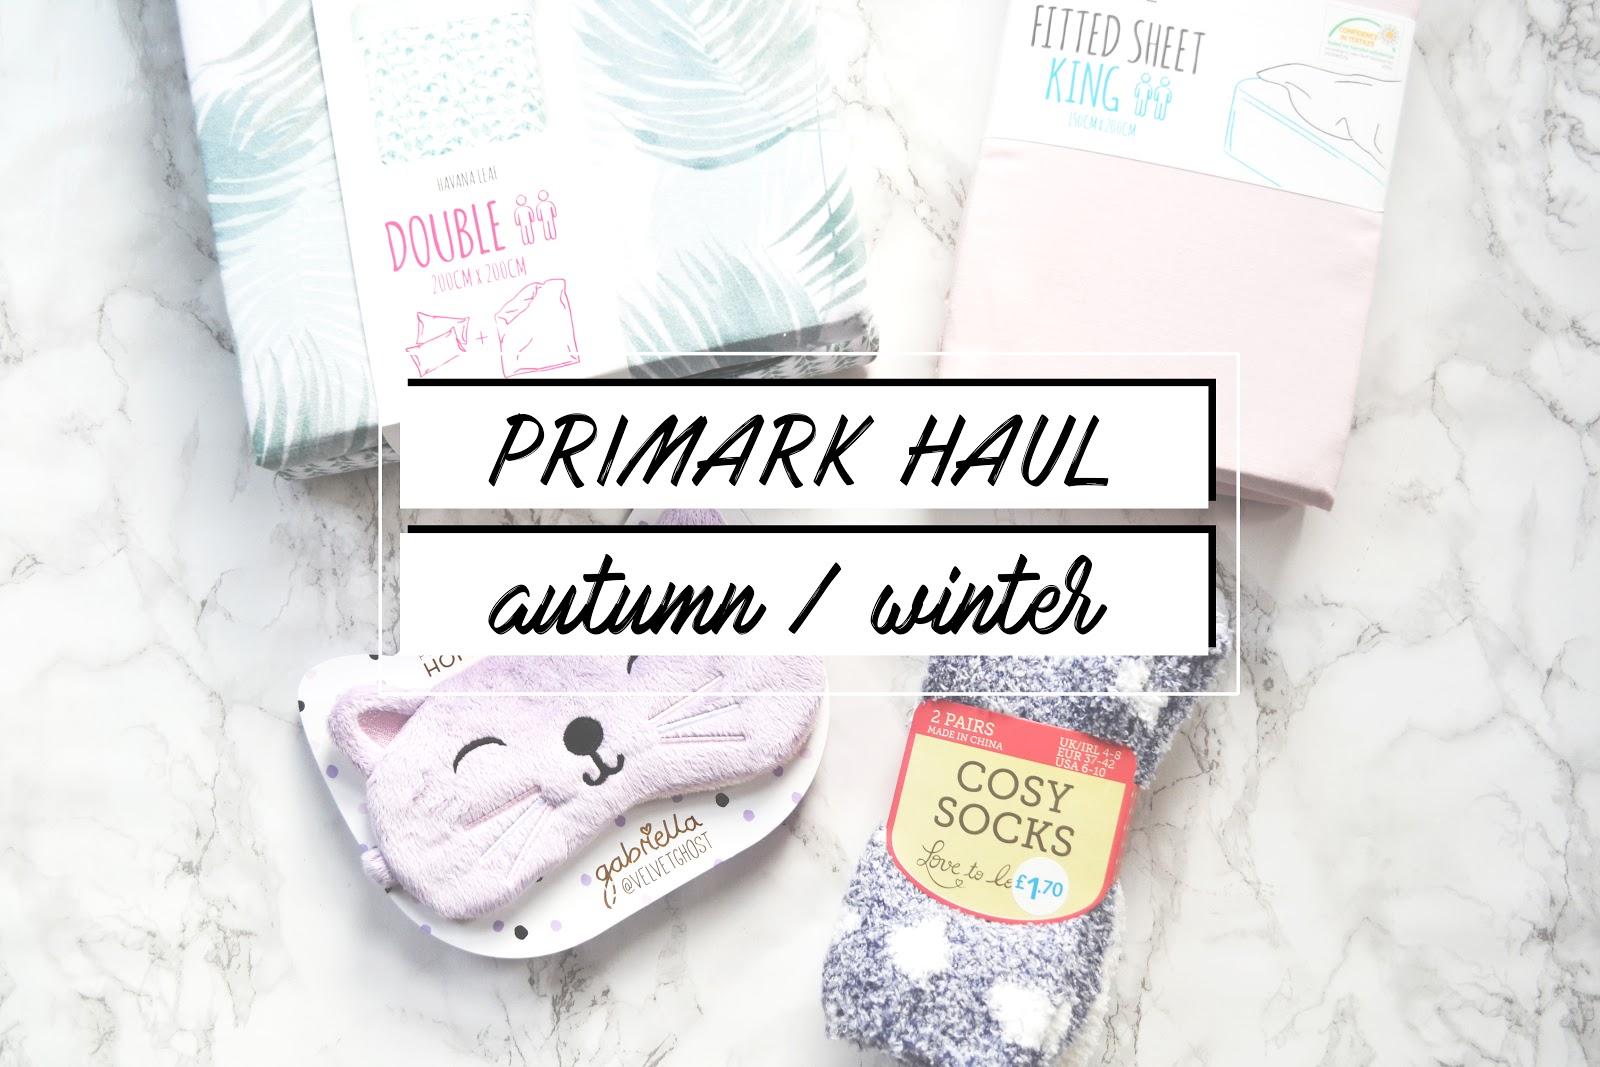 primark haul autumn winter 2016